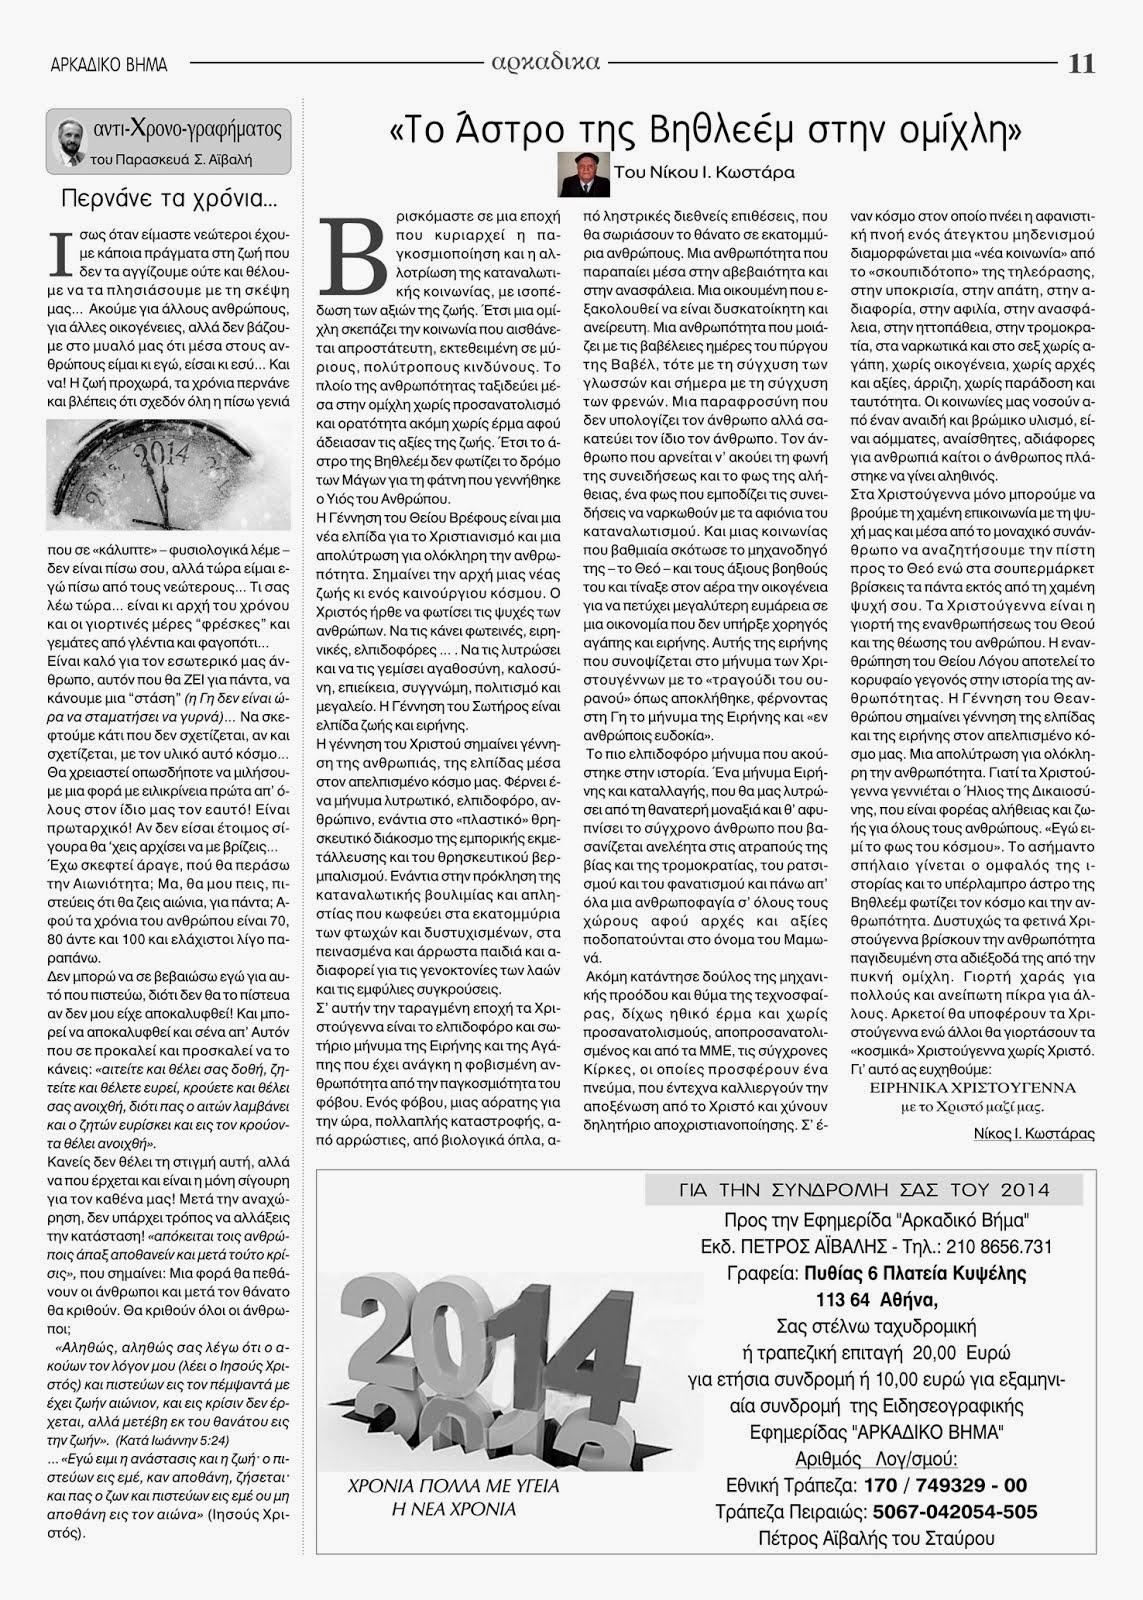 """Στο τελευταίο φύλλο της αγαπημένης του εφημερίδας """"Αρκαδικό Βήμα"""" δημοσιεύετε το επίκαιρο άρθρο του"""